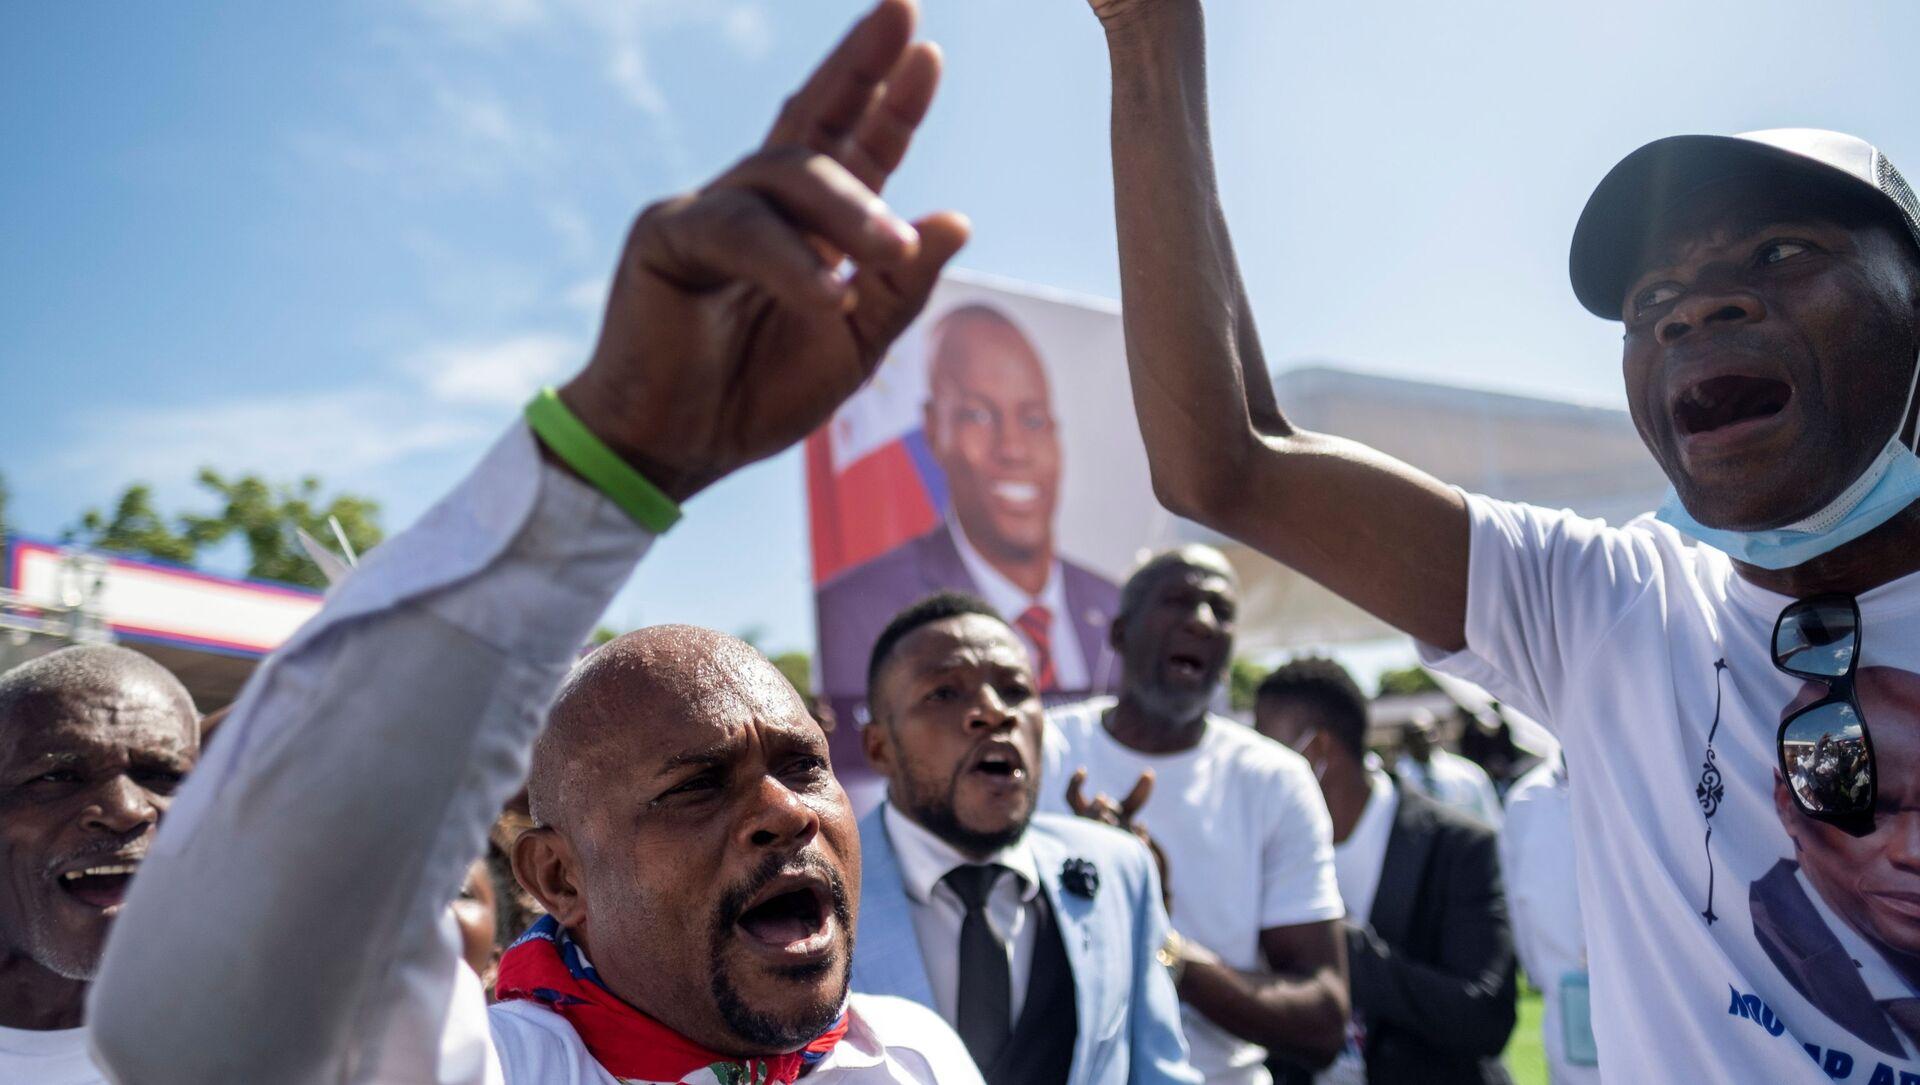 Haiti'nin suikast sonucu hayatını kaybeden Devlet Başkanı Jovenel Moise için yoğun protestolar arasında cenaze töreni düzenlendi. - Sputnik Türkiye, 1920, 24.07.2021